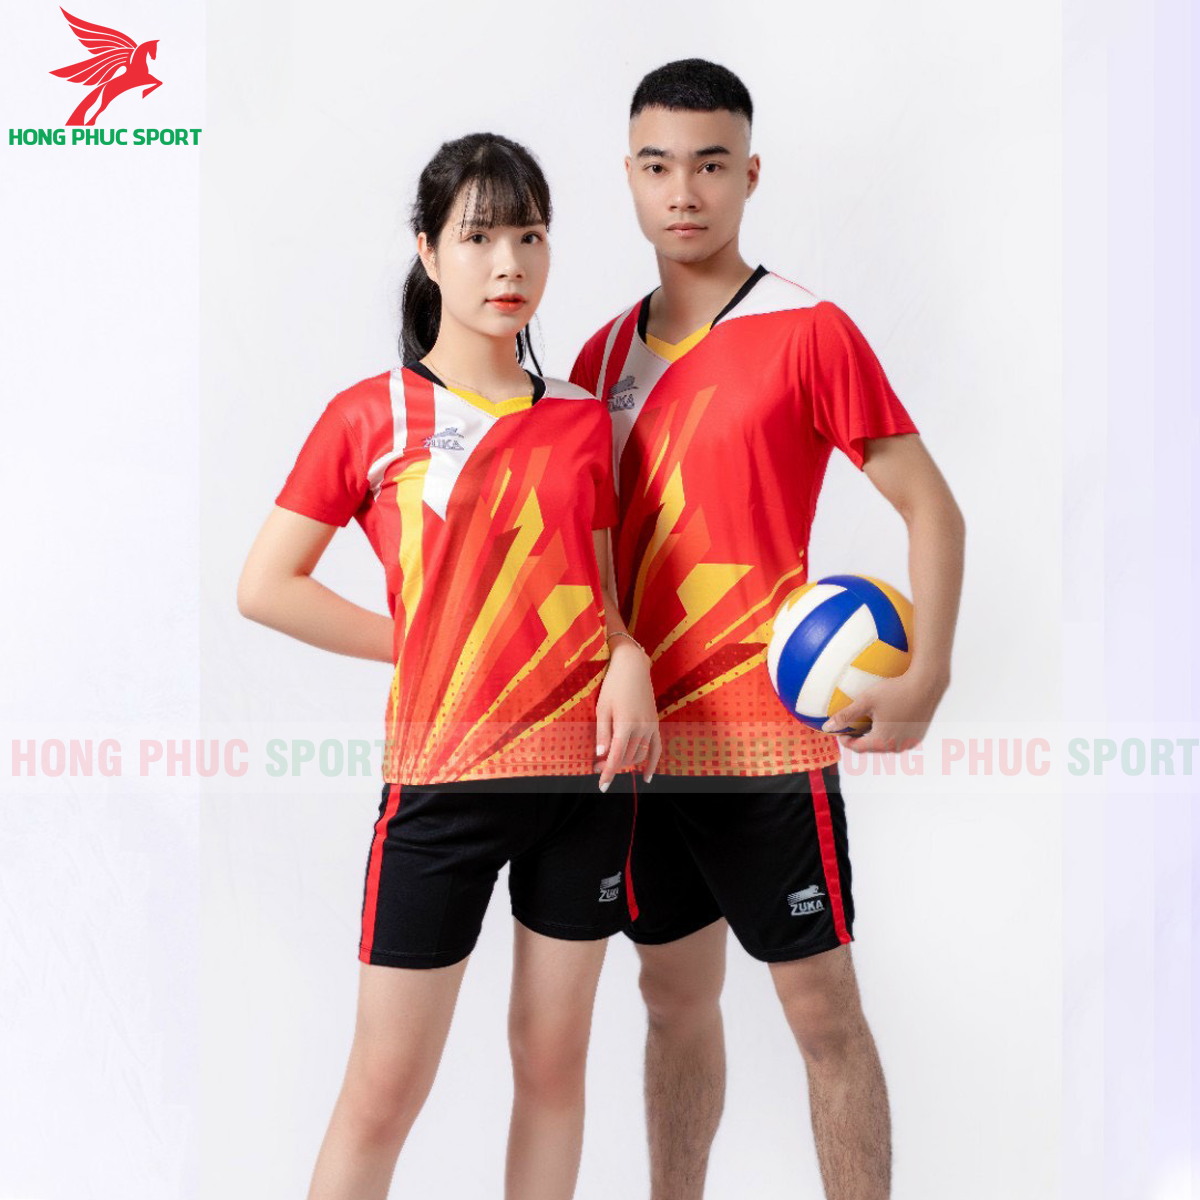 https://cdn.hongphucsport.com/unsafe/s4.shopbay.vn/files/285/quan-ao-bong-chuyen-zuka-01-2021-mau-do-2-60750bd7cdbe2.png